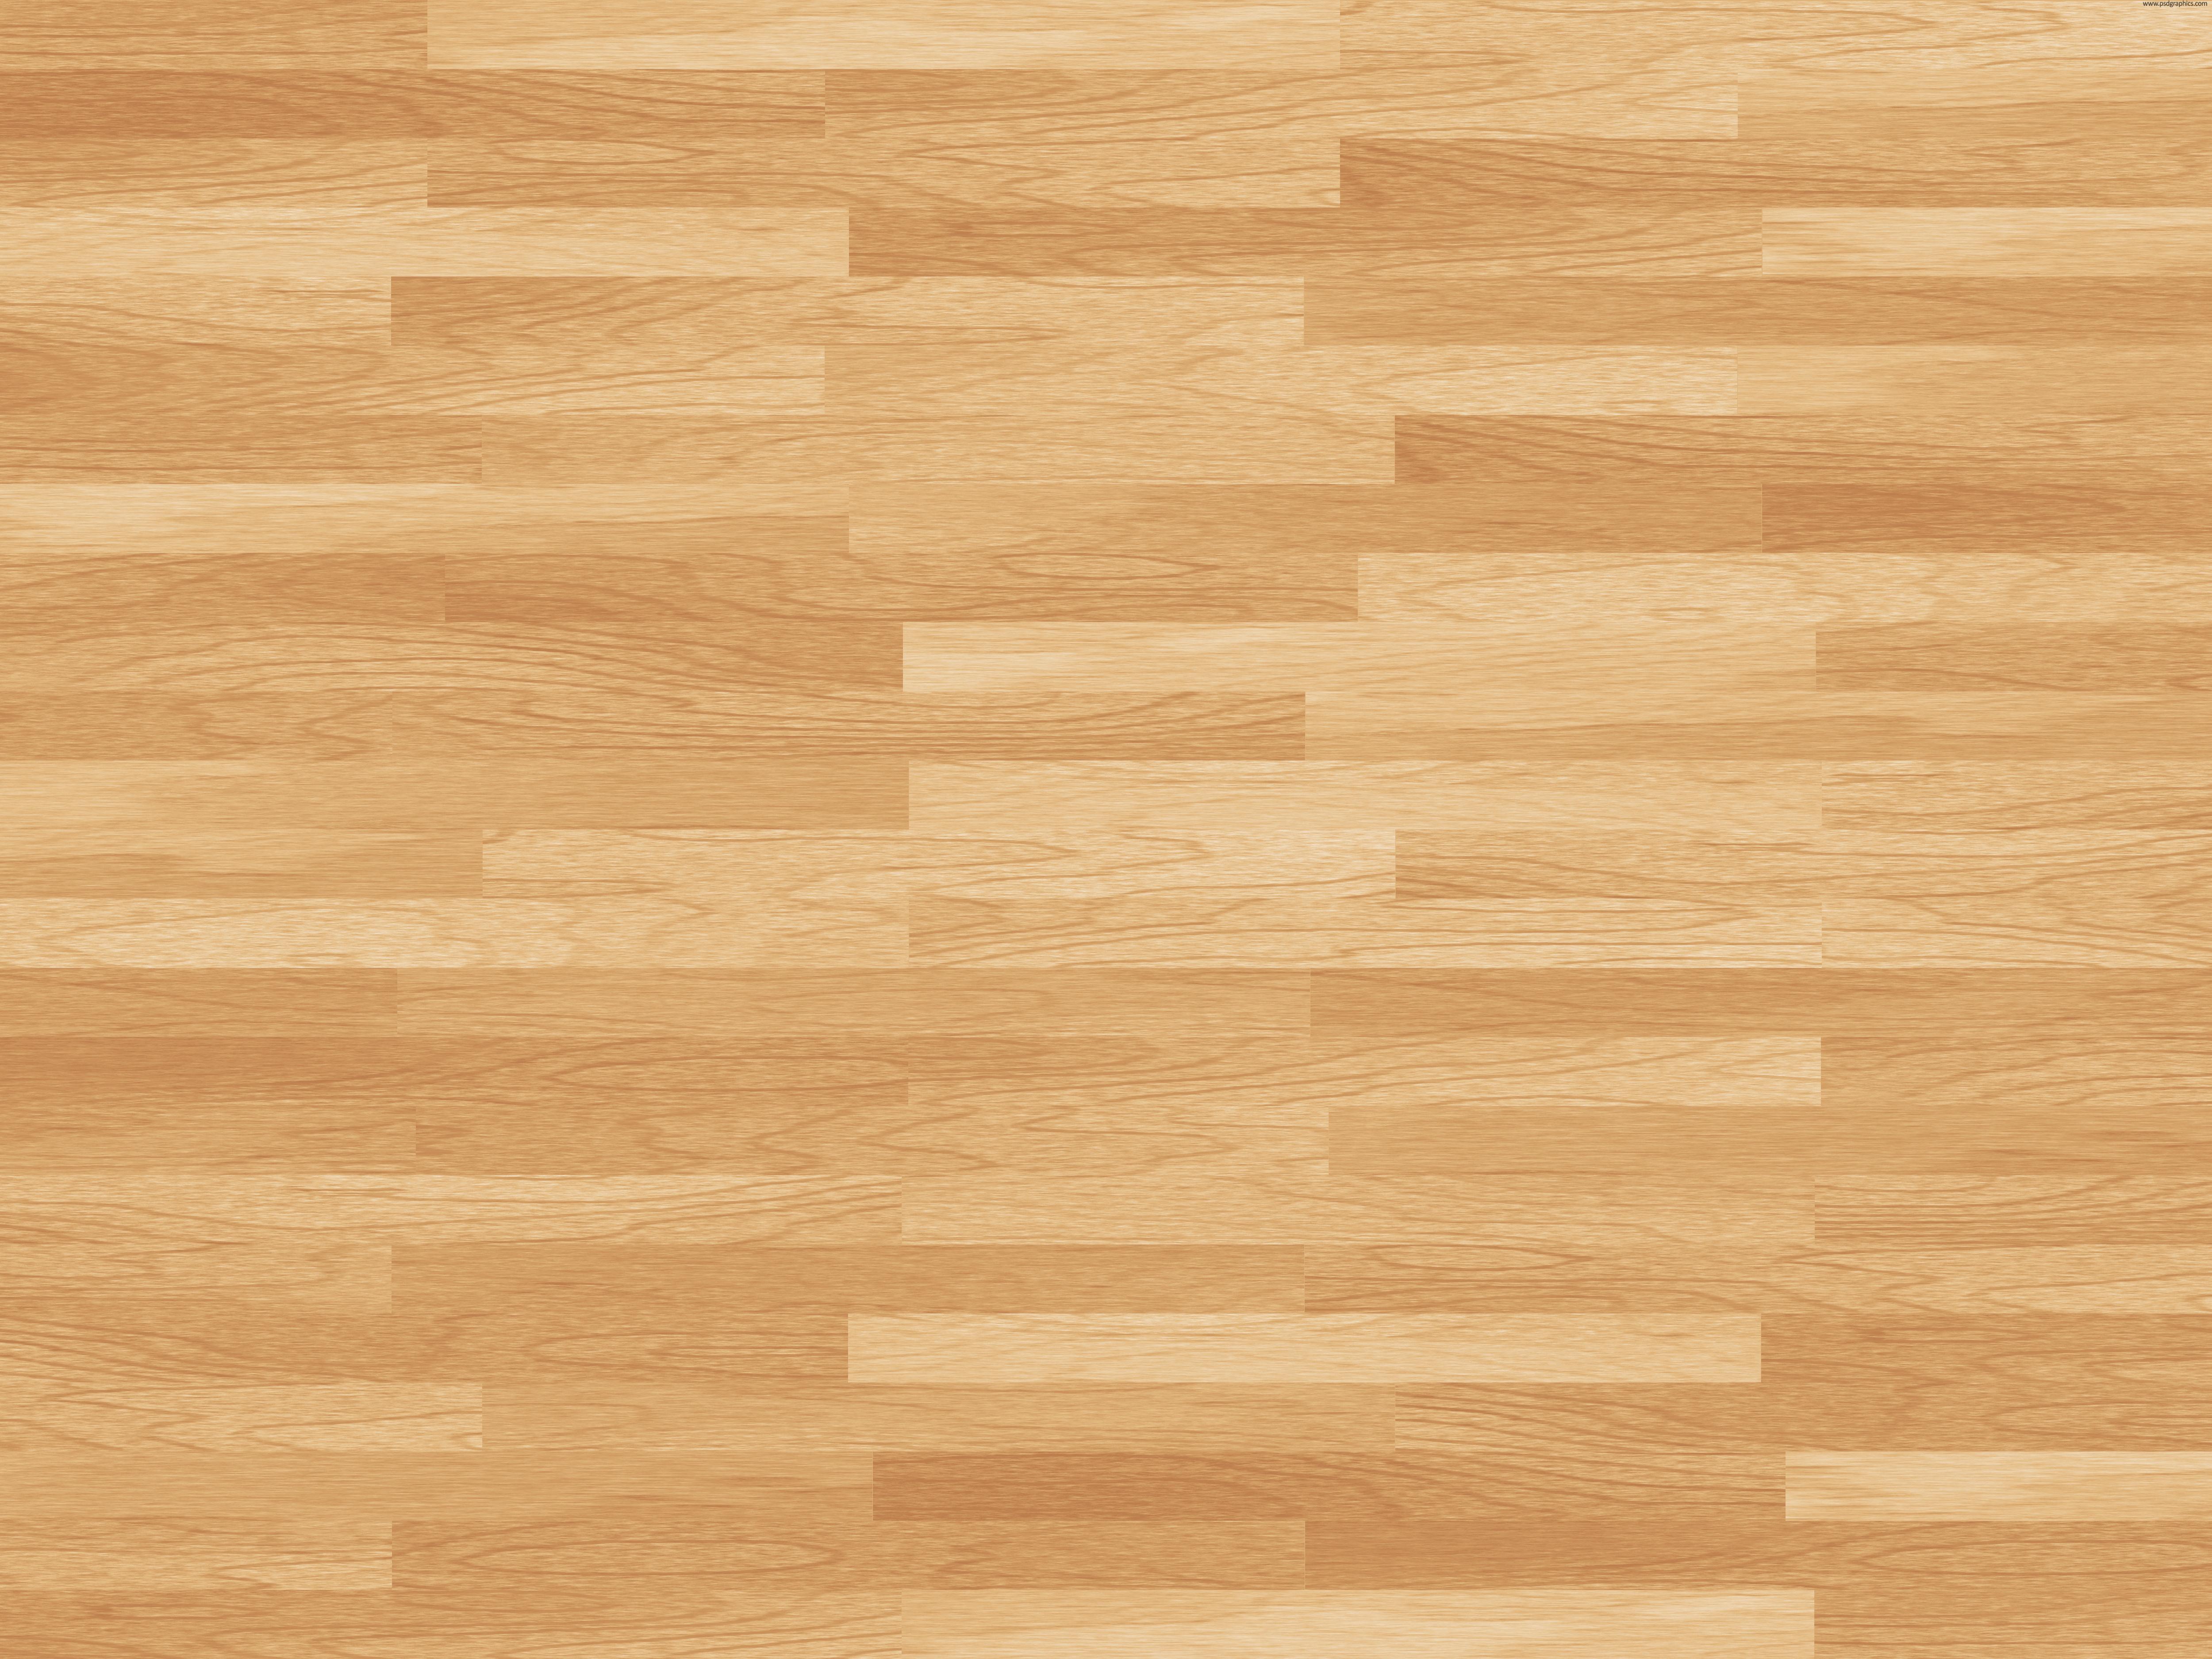 wooden flooring basketball floor texture BBCQPDK